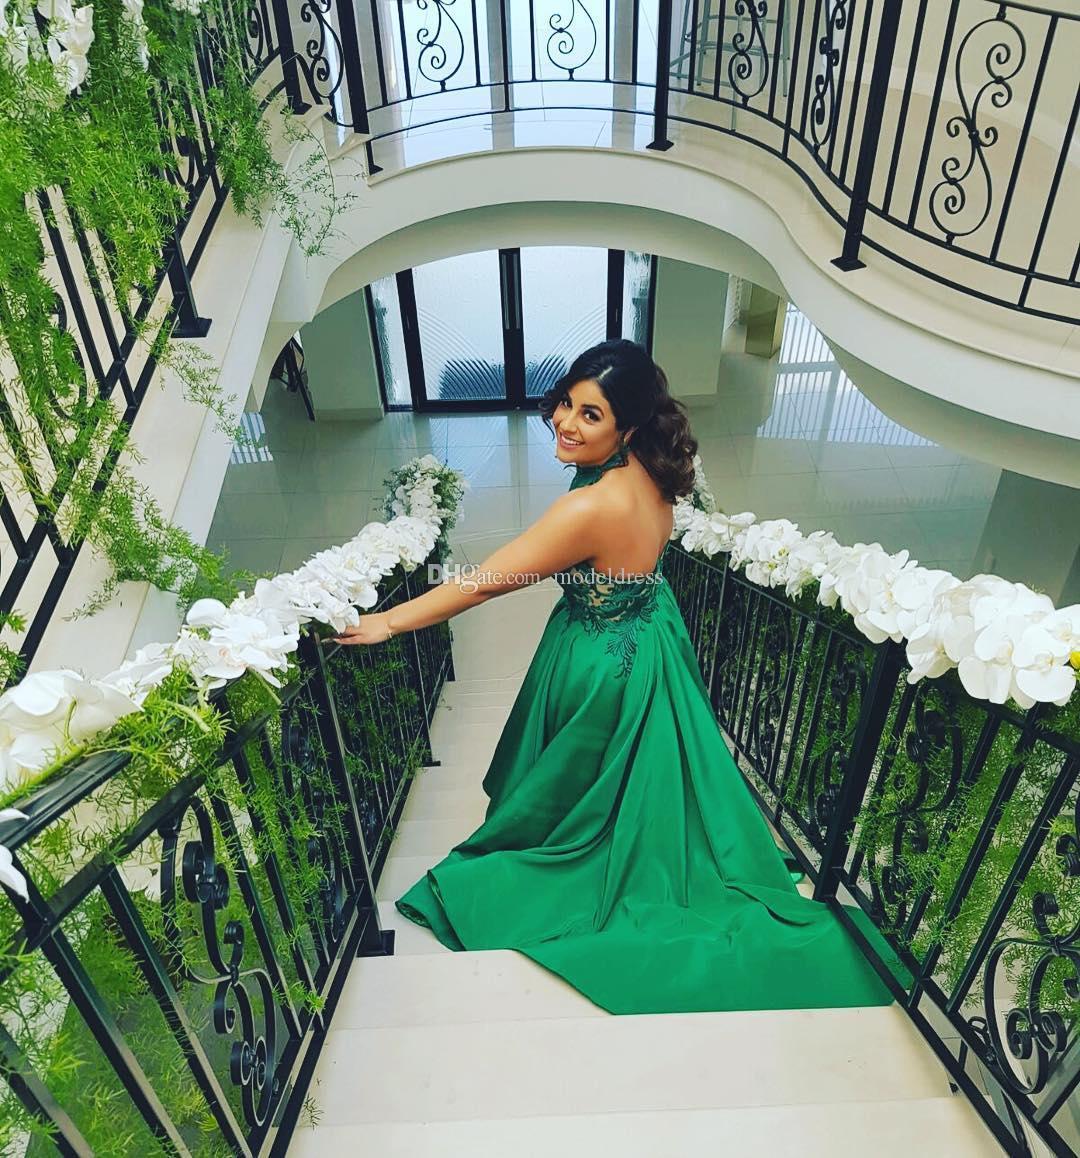 2018 Новый Backless Зеленый Платья Выпускного Вечера Холтер Аппликации Высокий Низкий Сексуальный Атлас Арабский Вечер Pageant Платья Vestidos Де Фиеста Индивидуальные